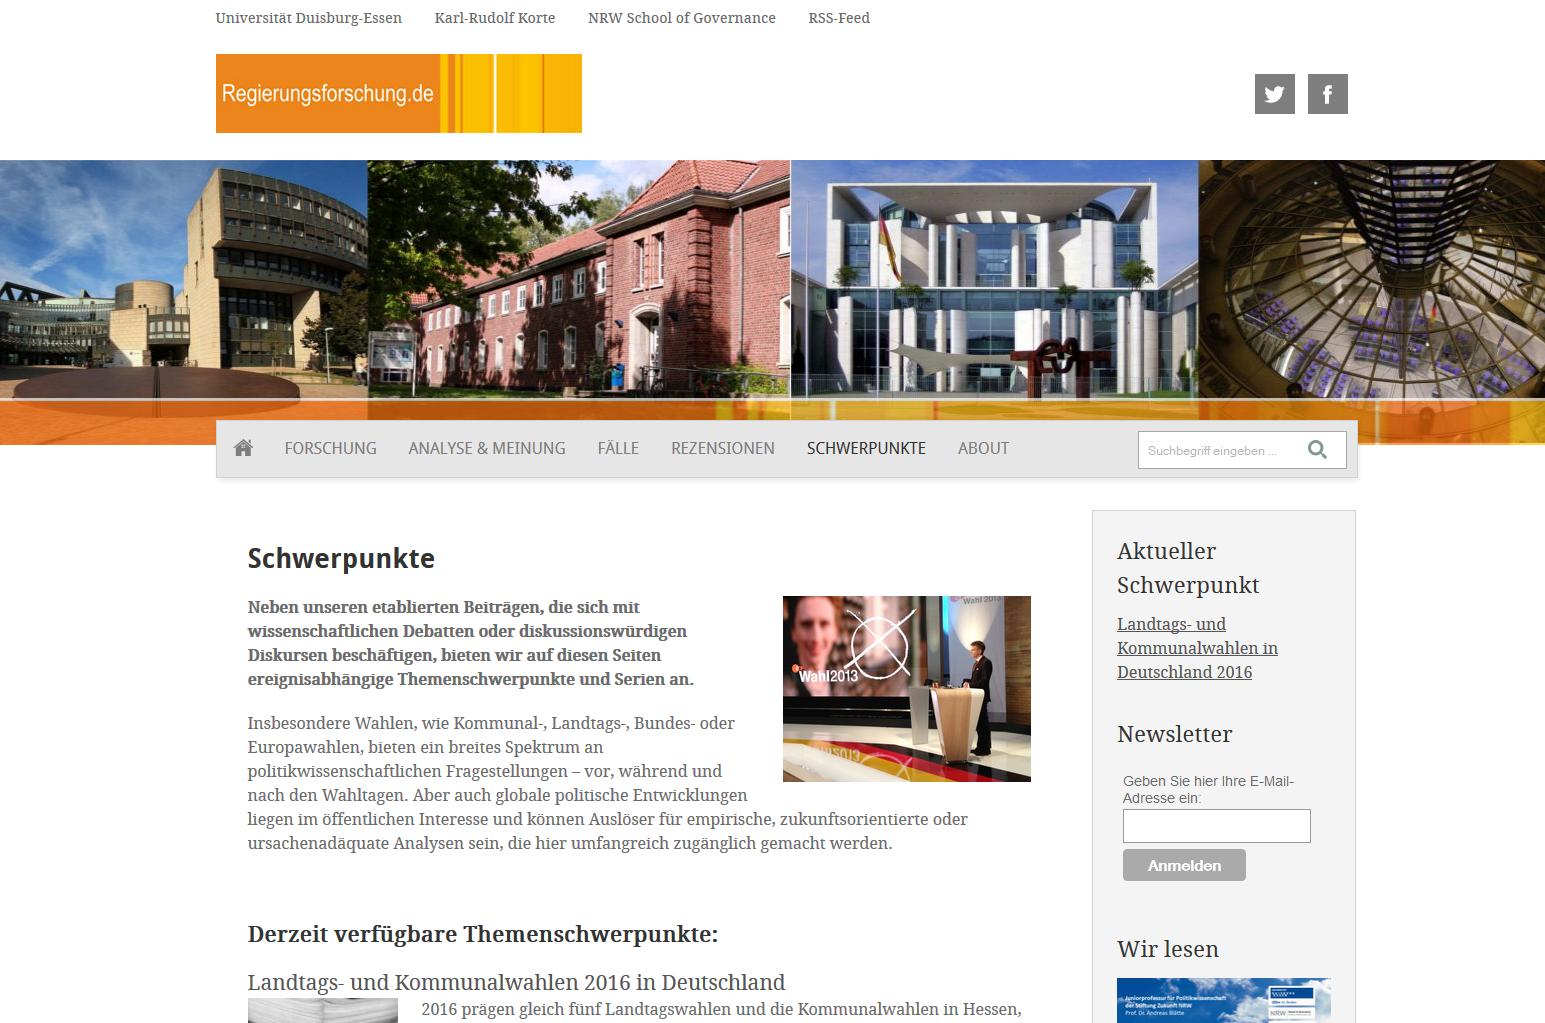 regierungsforschung.de is the open-access journal of the NRW School of Governance.